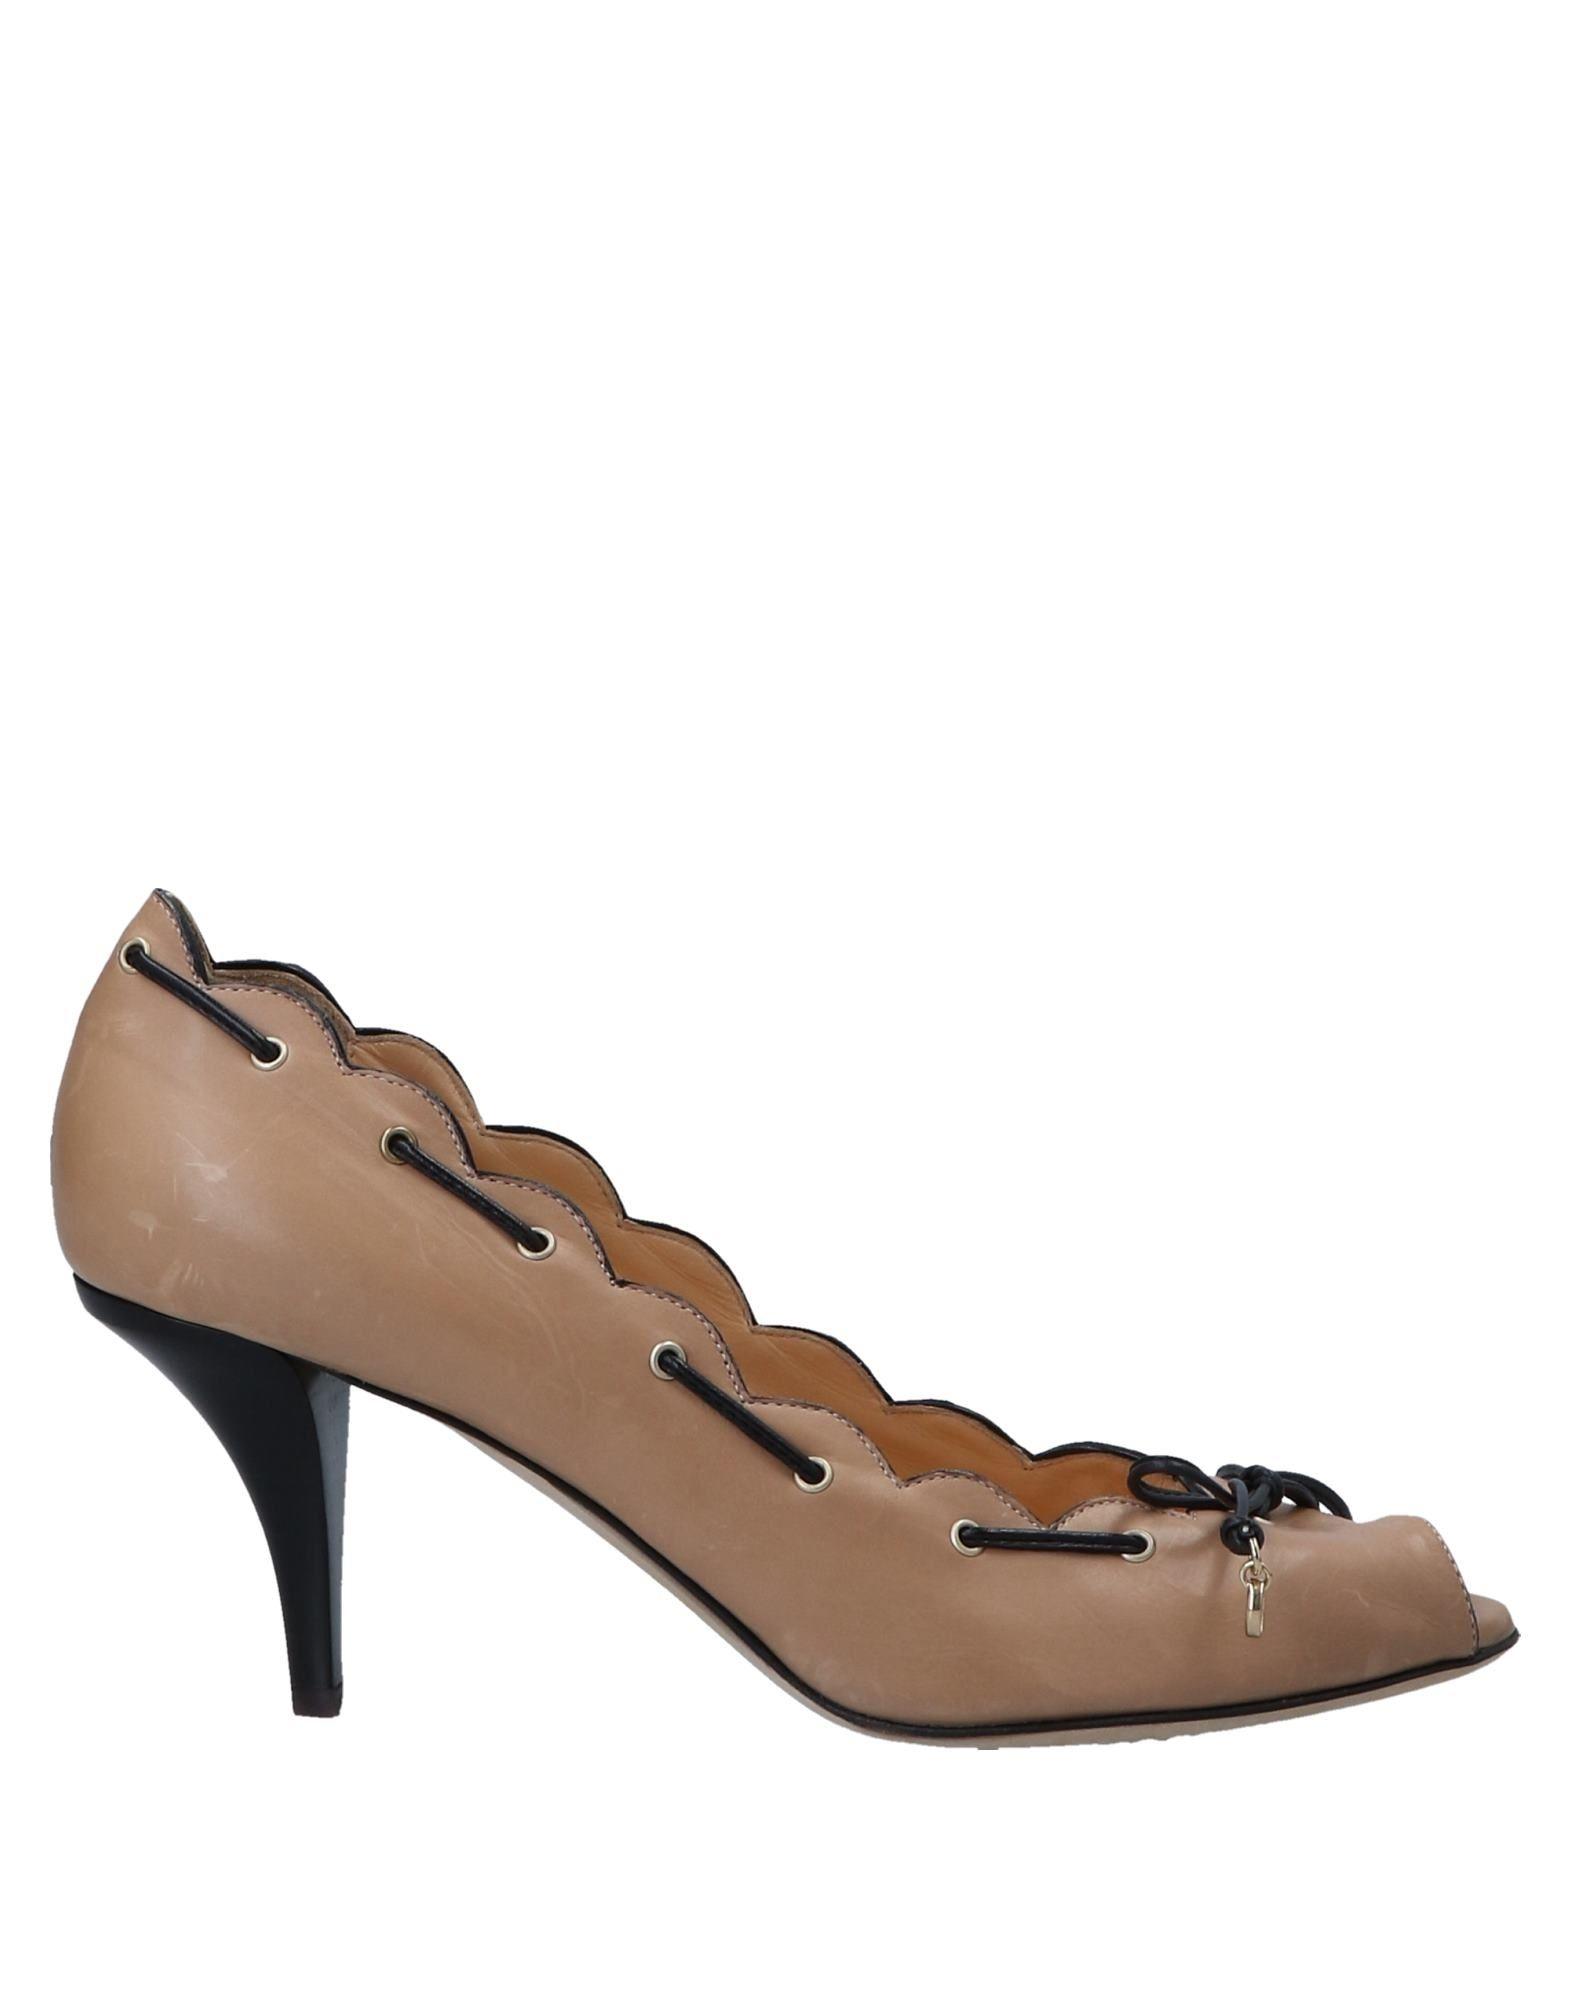 Rabatt Damen Schuhe O Jour Pumps Damen Rabatt  11557995SR 8c5fd7